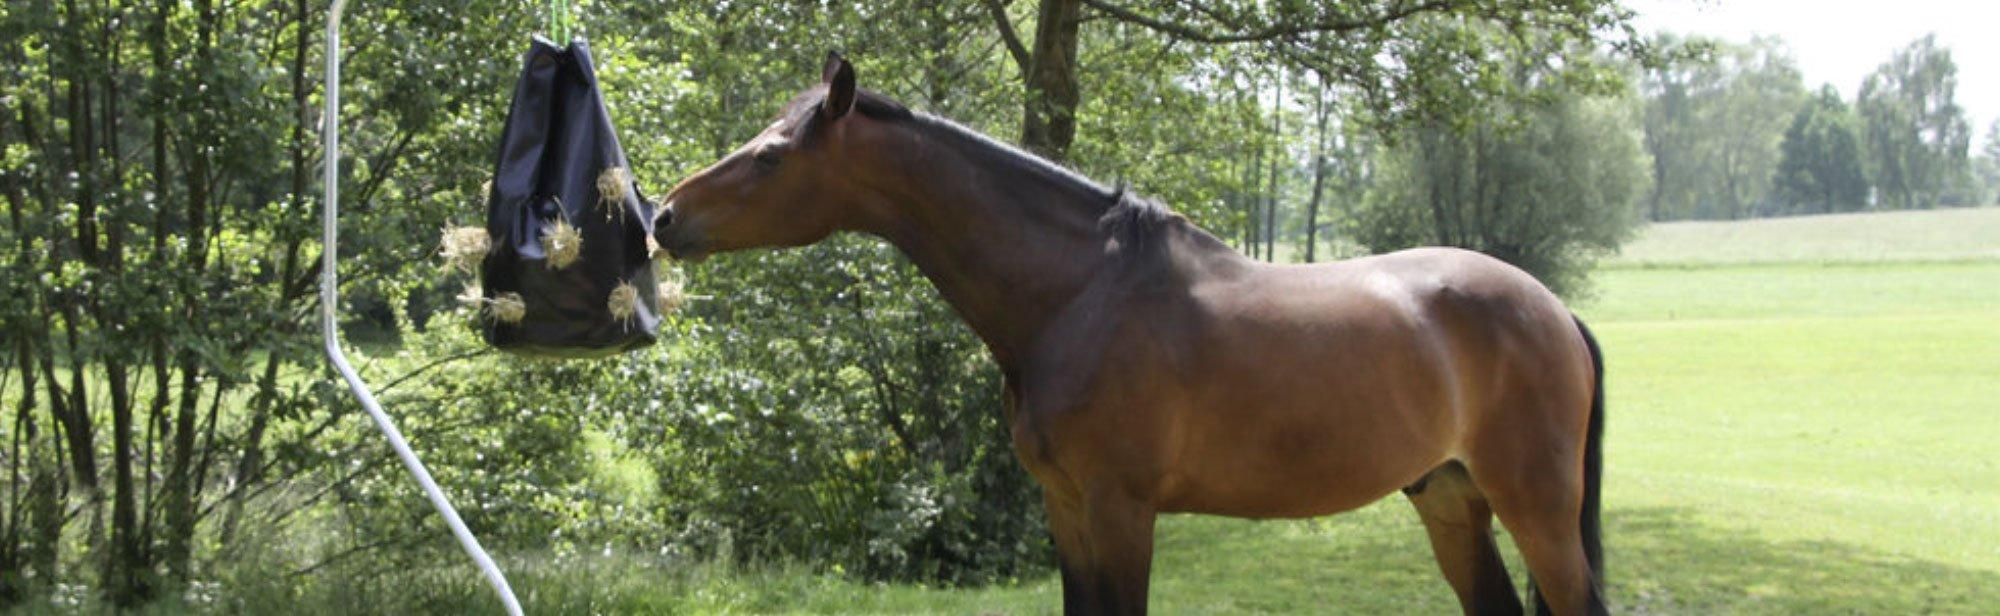 Heunetze für den Pferdestall